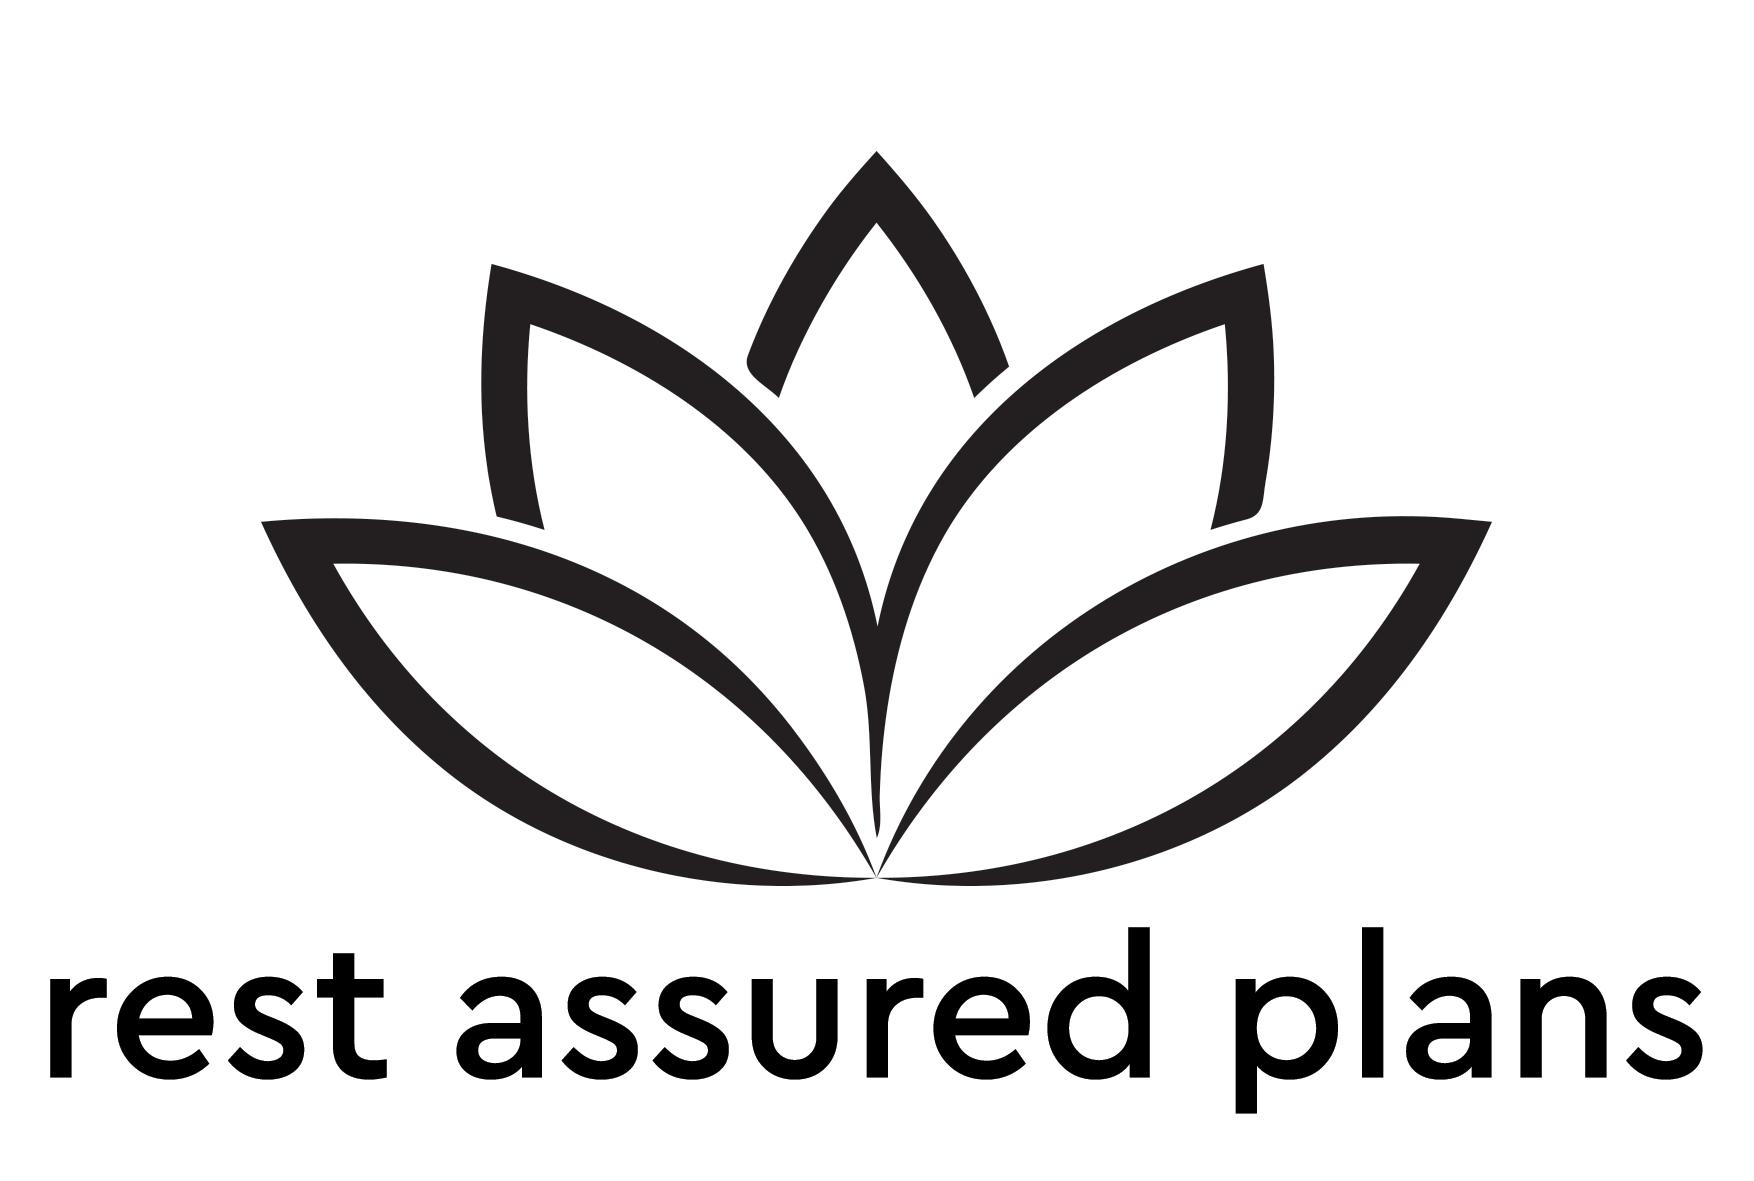 11. Rest Assured Plans